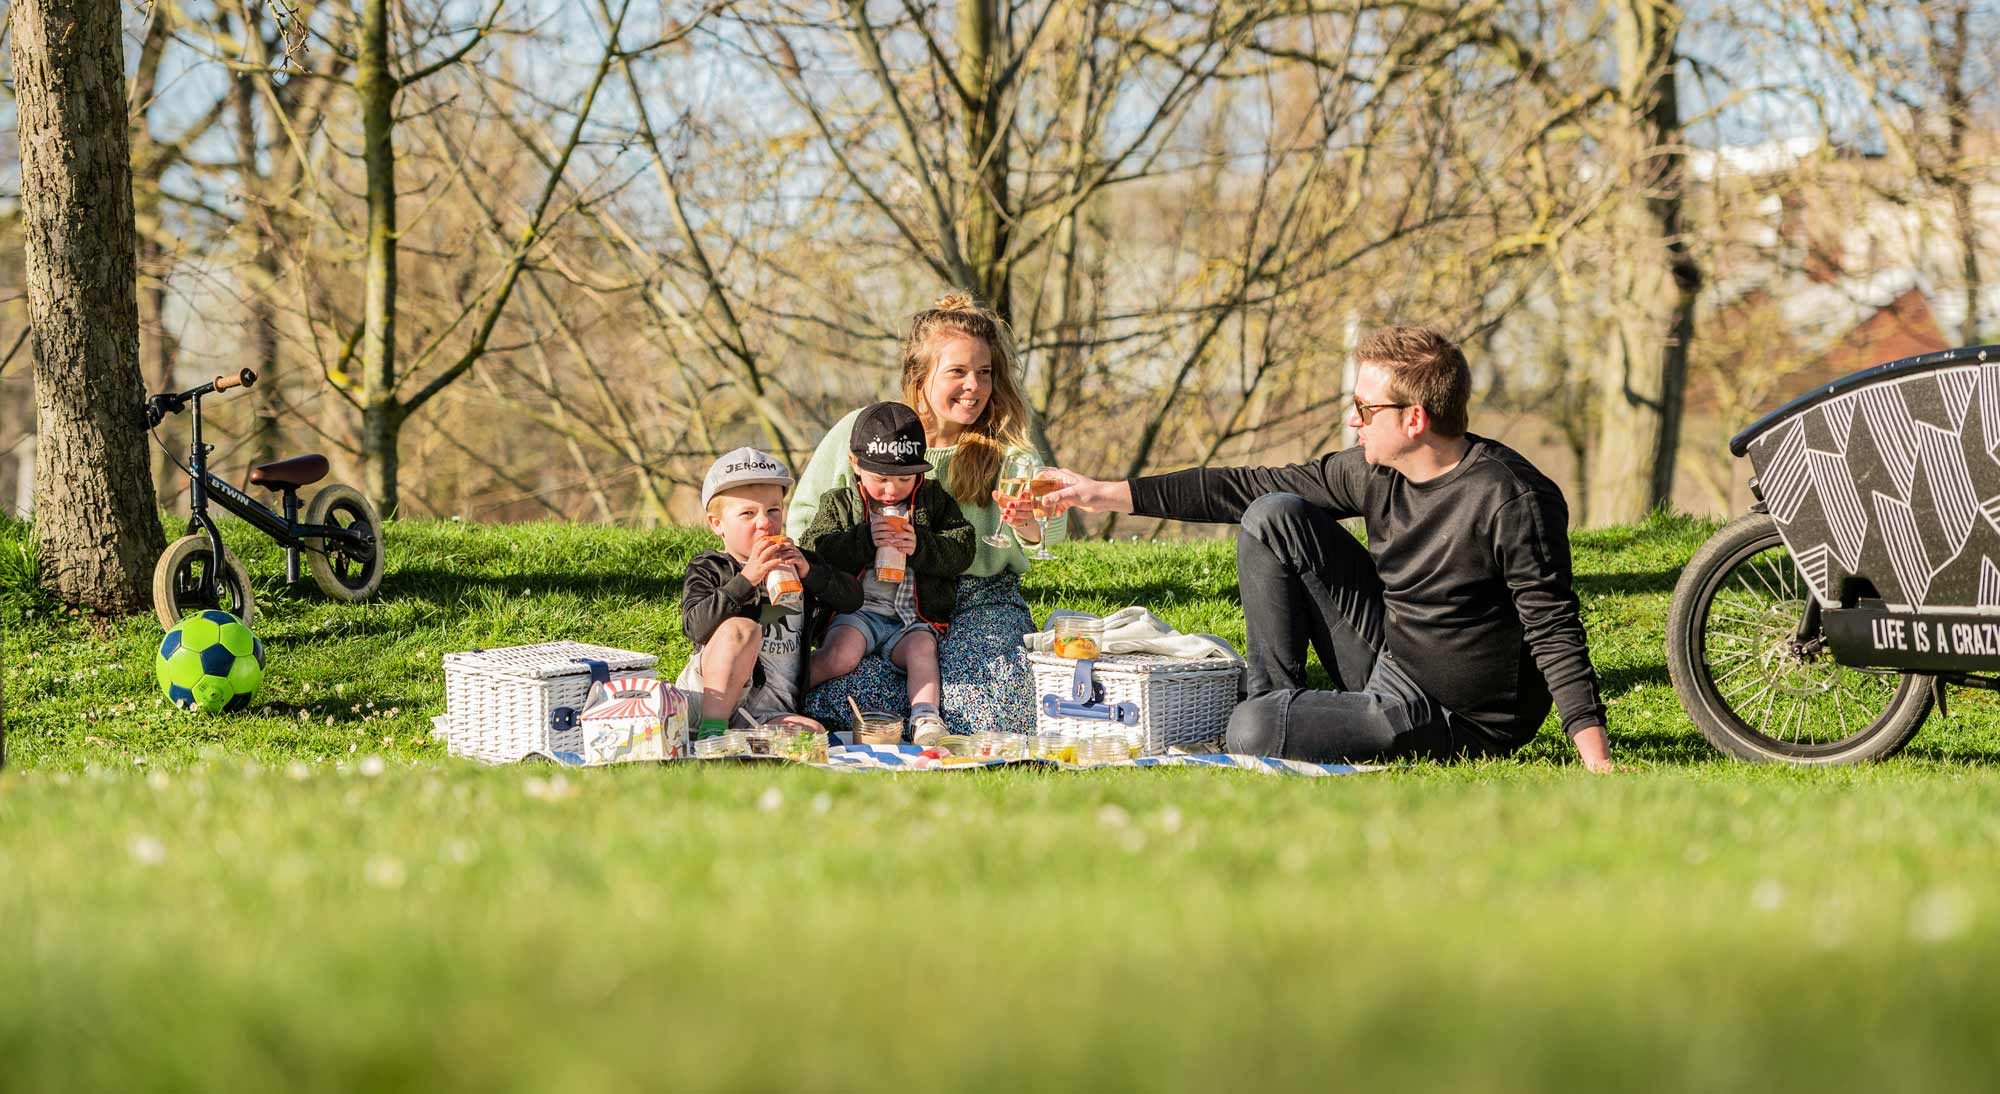 Foodbart_Saar-Roel_Picknick-Met-Kinderen_Deinze-Saar en roel